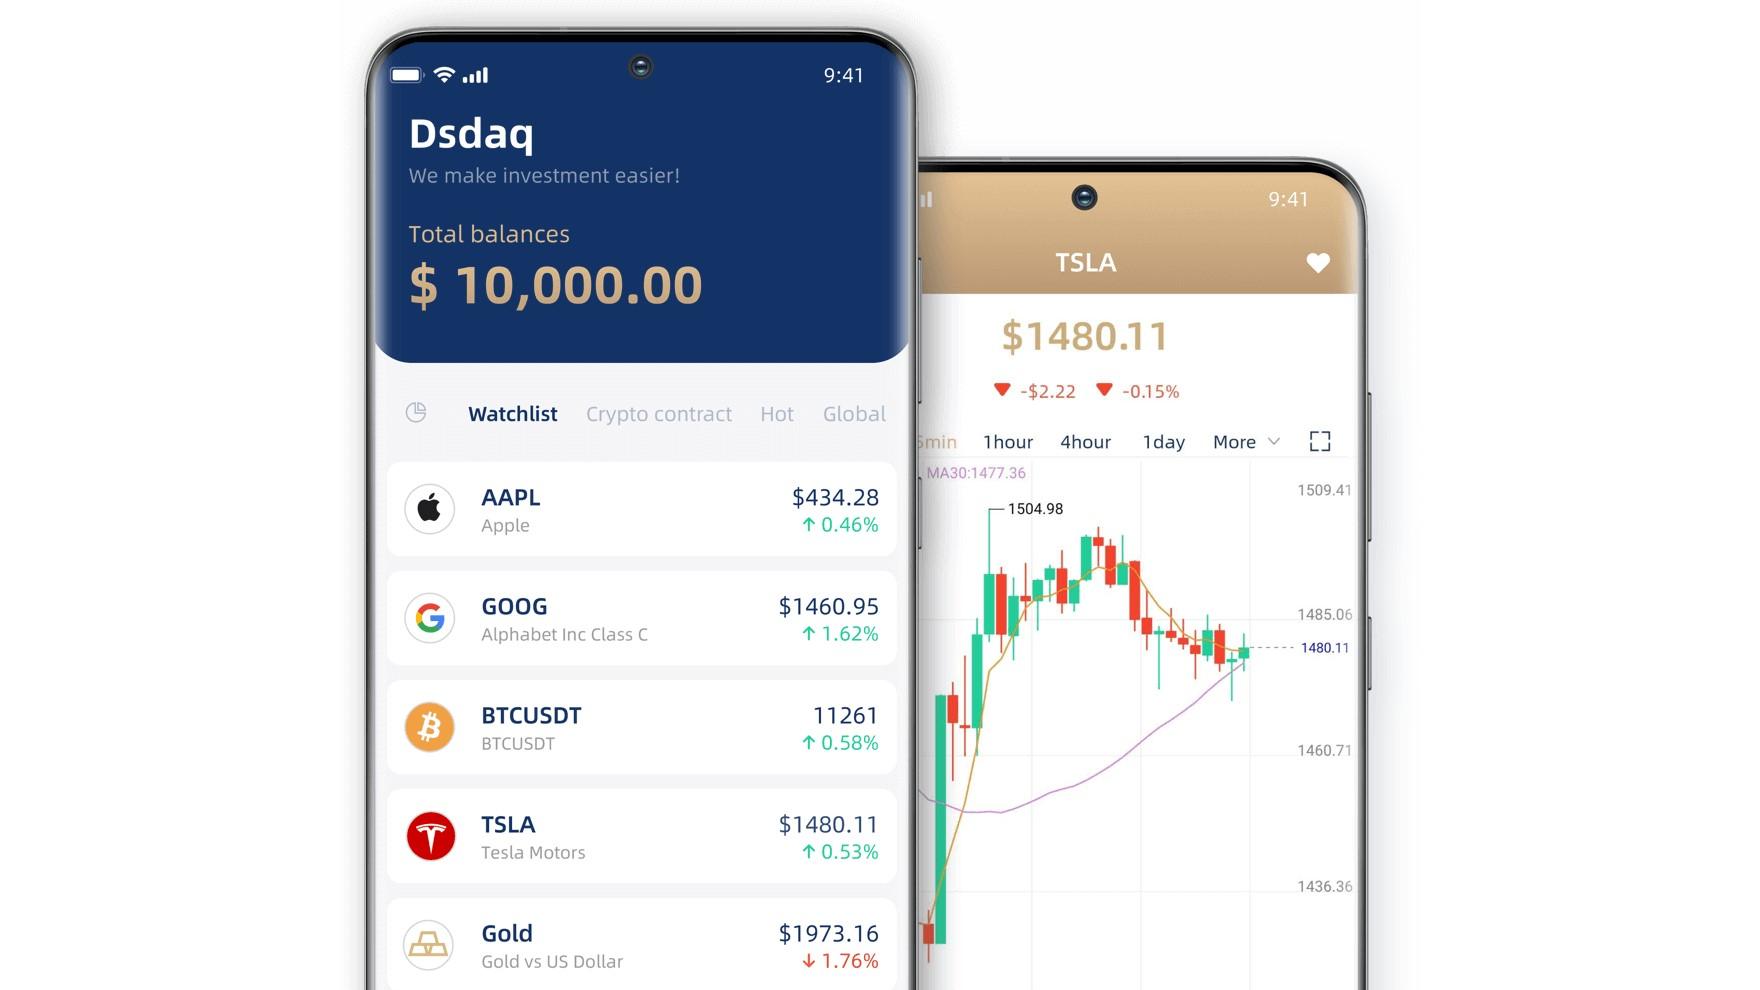 Dsdaq permite operar desde una única pantalla en mercados tradicionales y cripto